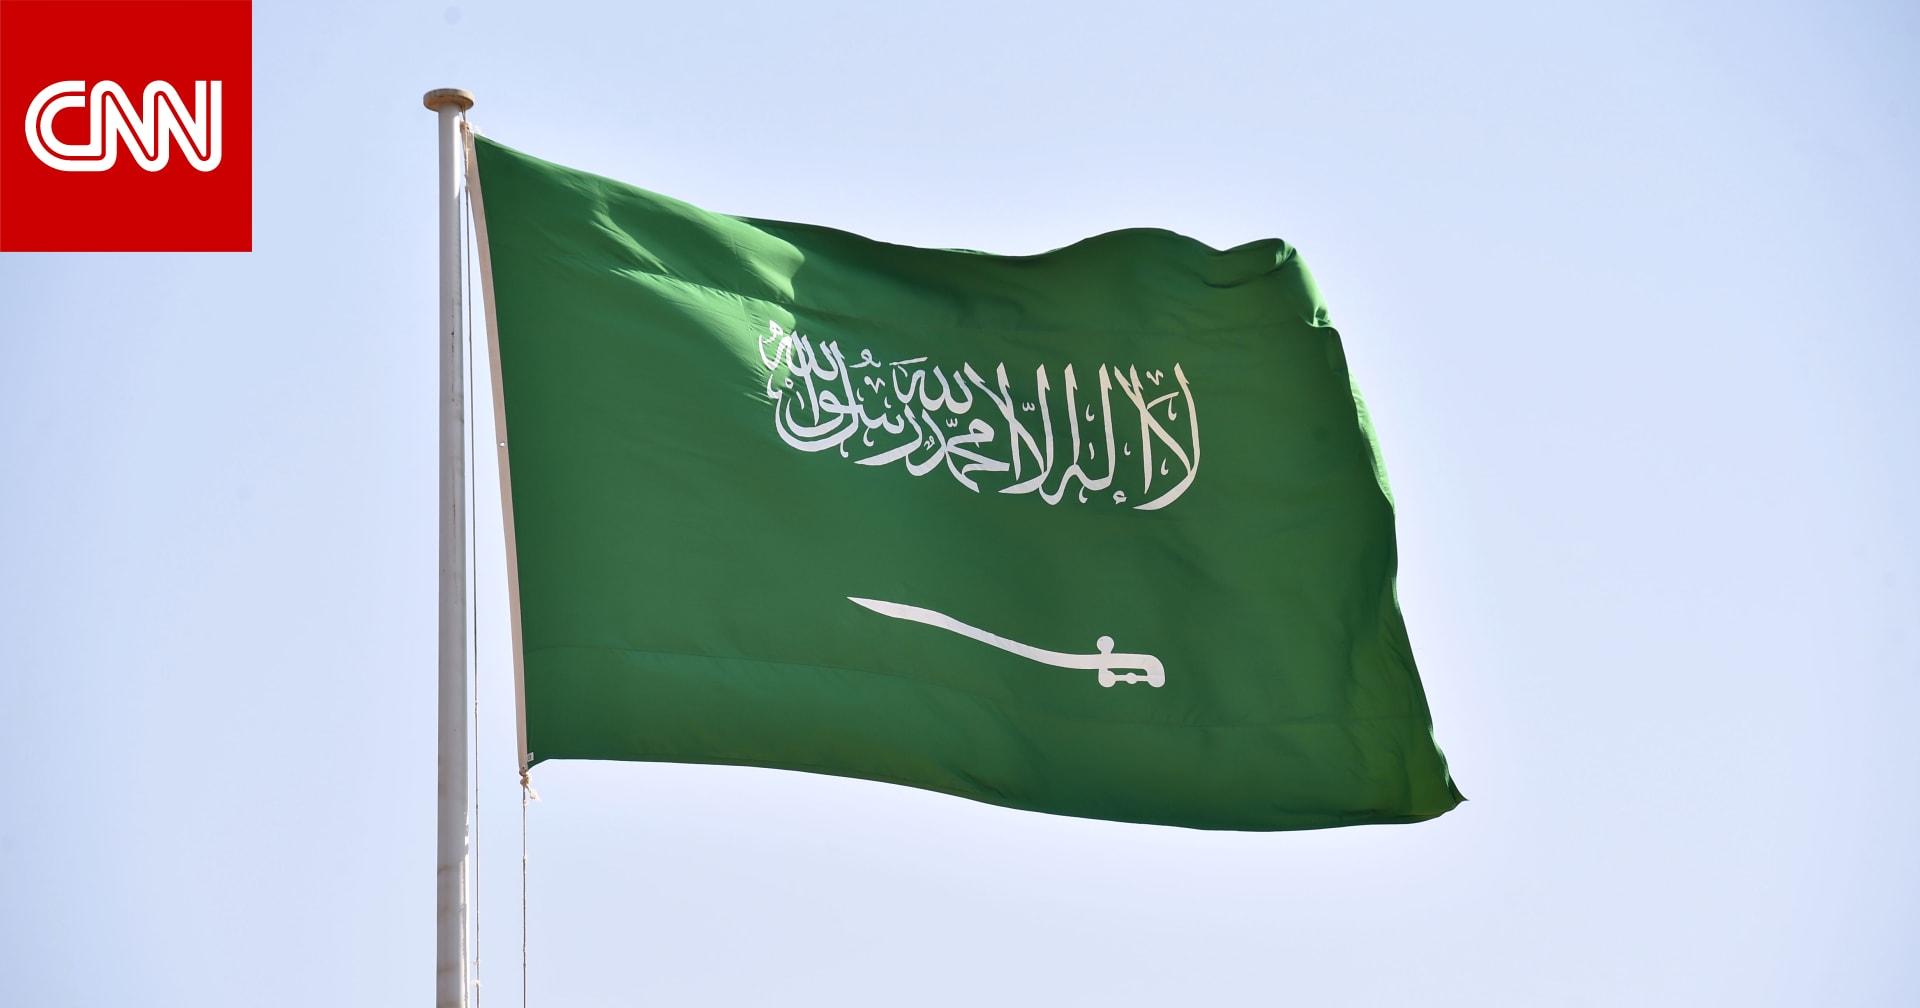 السعودية تدعو مواطنيها إلى عدم السفر إلى لبنان في ضوء الأحداث الأخيرة